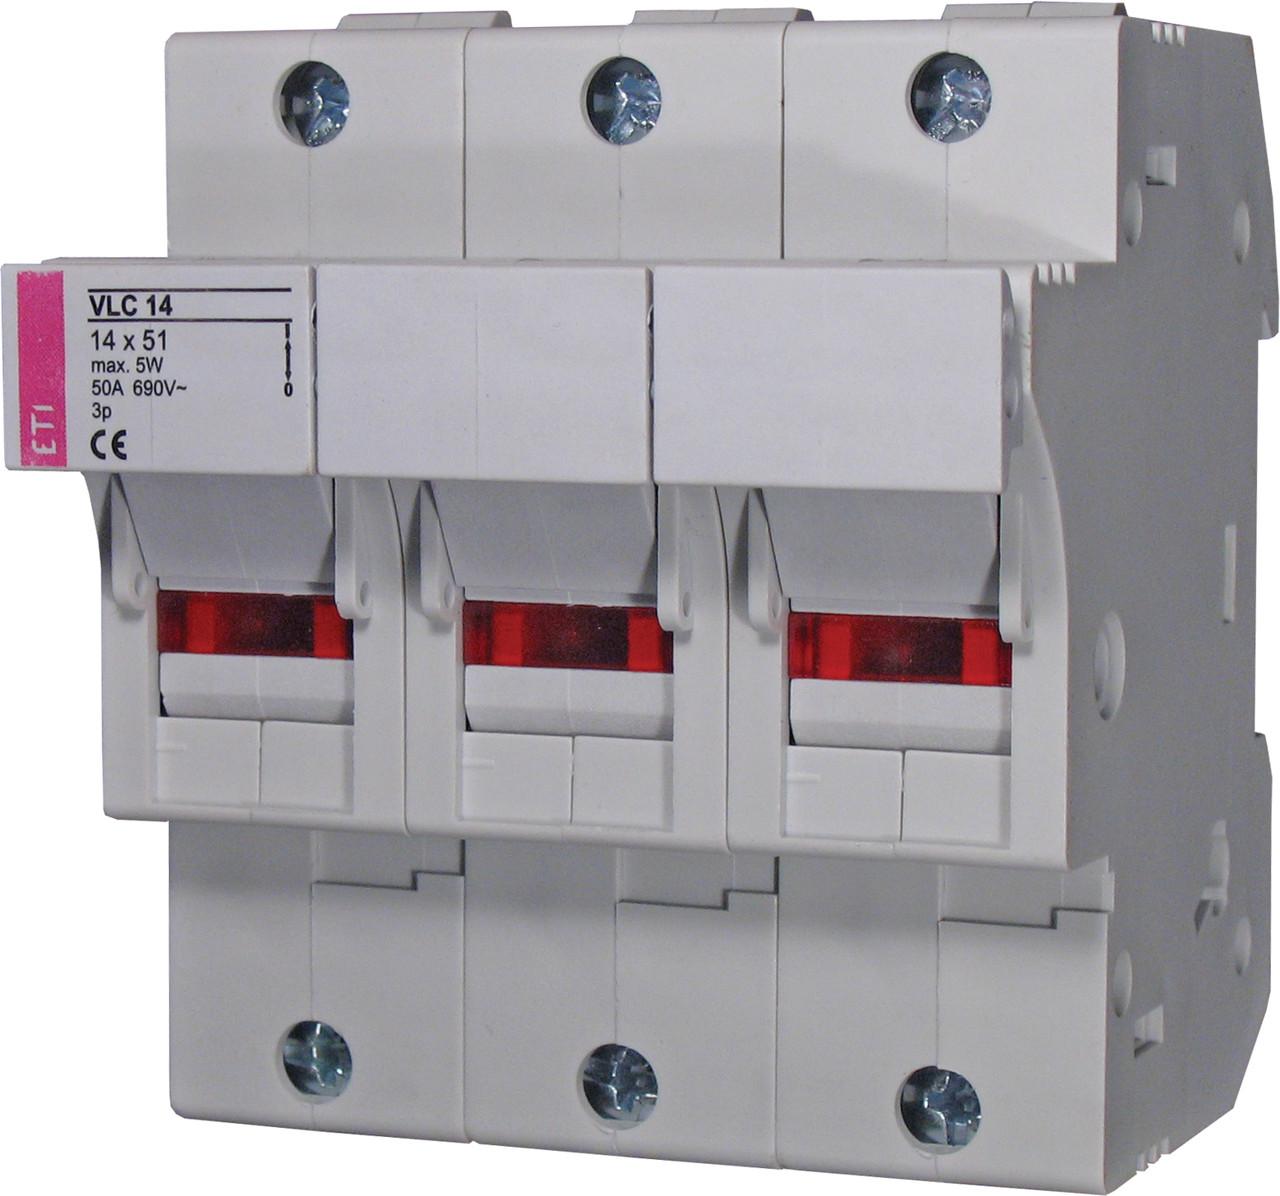 Разъединитель VLC 14 3P 690V, ETI, 2564000